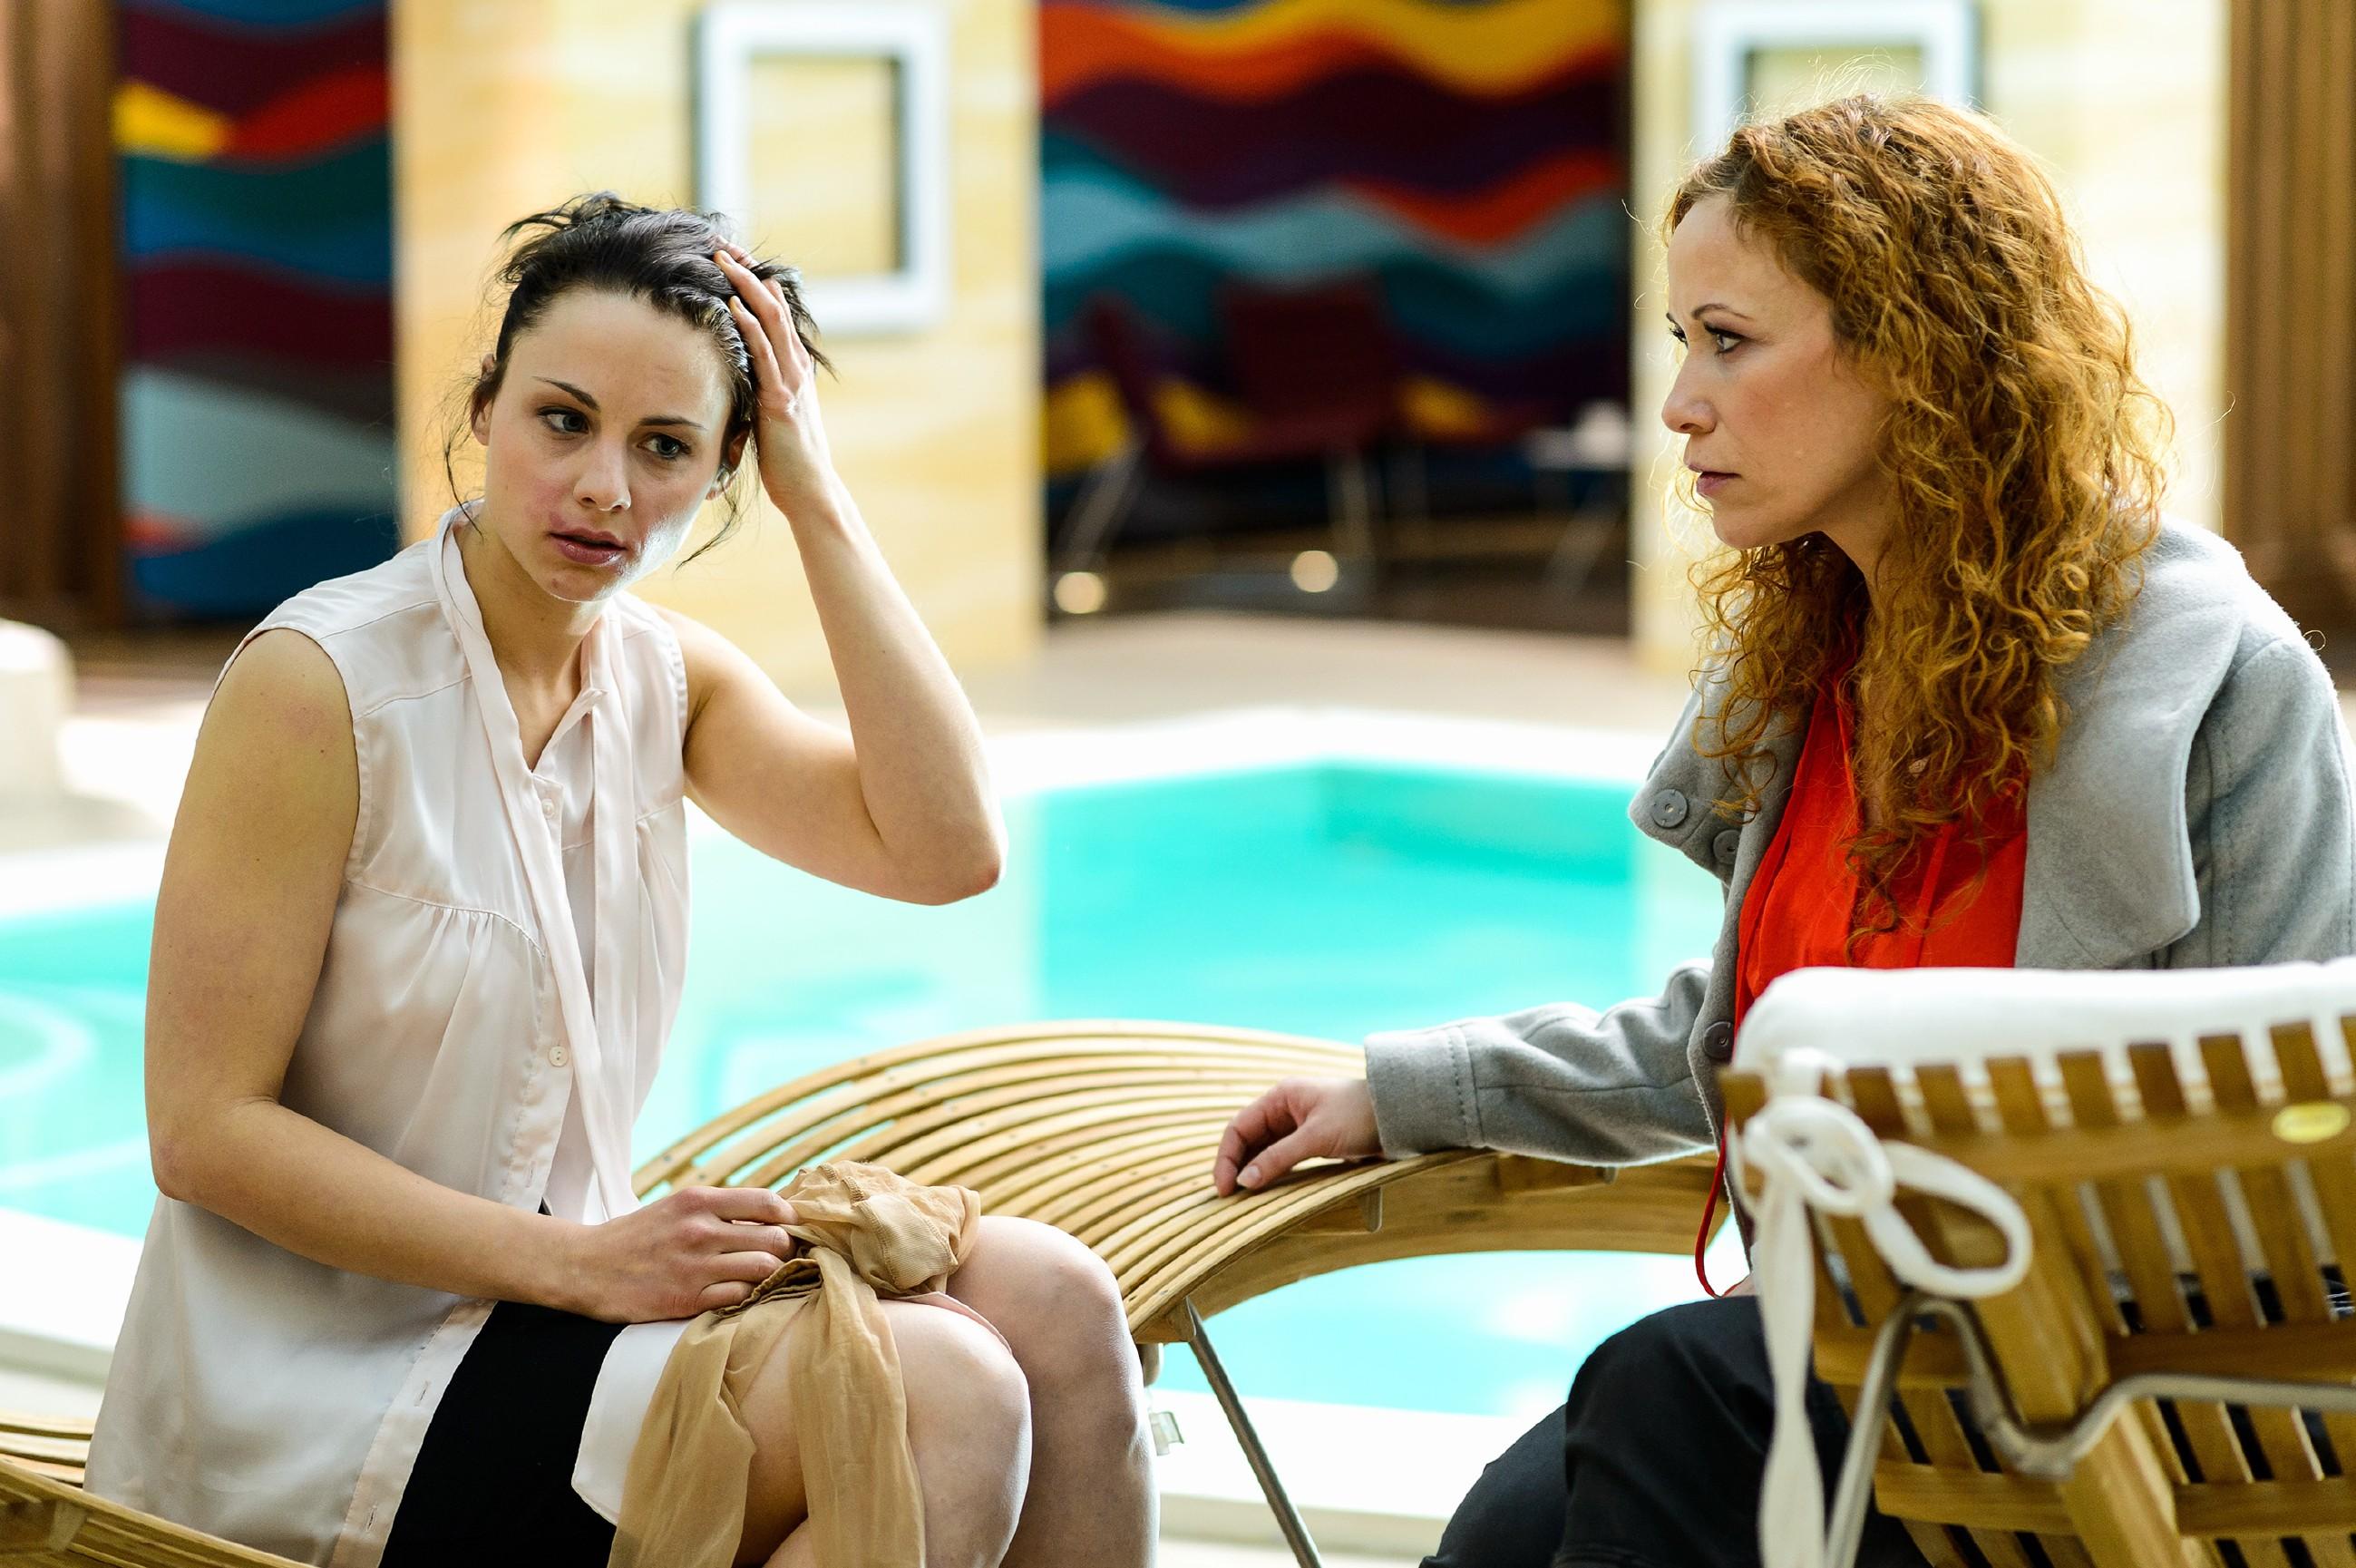 Kerstin (Julia Schäfle, l.) wacht völlig desorientiert im Poolbereich auf und muss geschockt glauben, dass Deniz sie letzte Nacht missbraucht hat. Brigitte (Madlen Kaniuth) versucht sie zu beruhigen und lässt sich von ihr die Vorkommnisse schildern. (Quelle: RTL / Willi Weber)